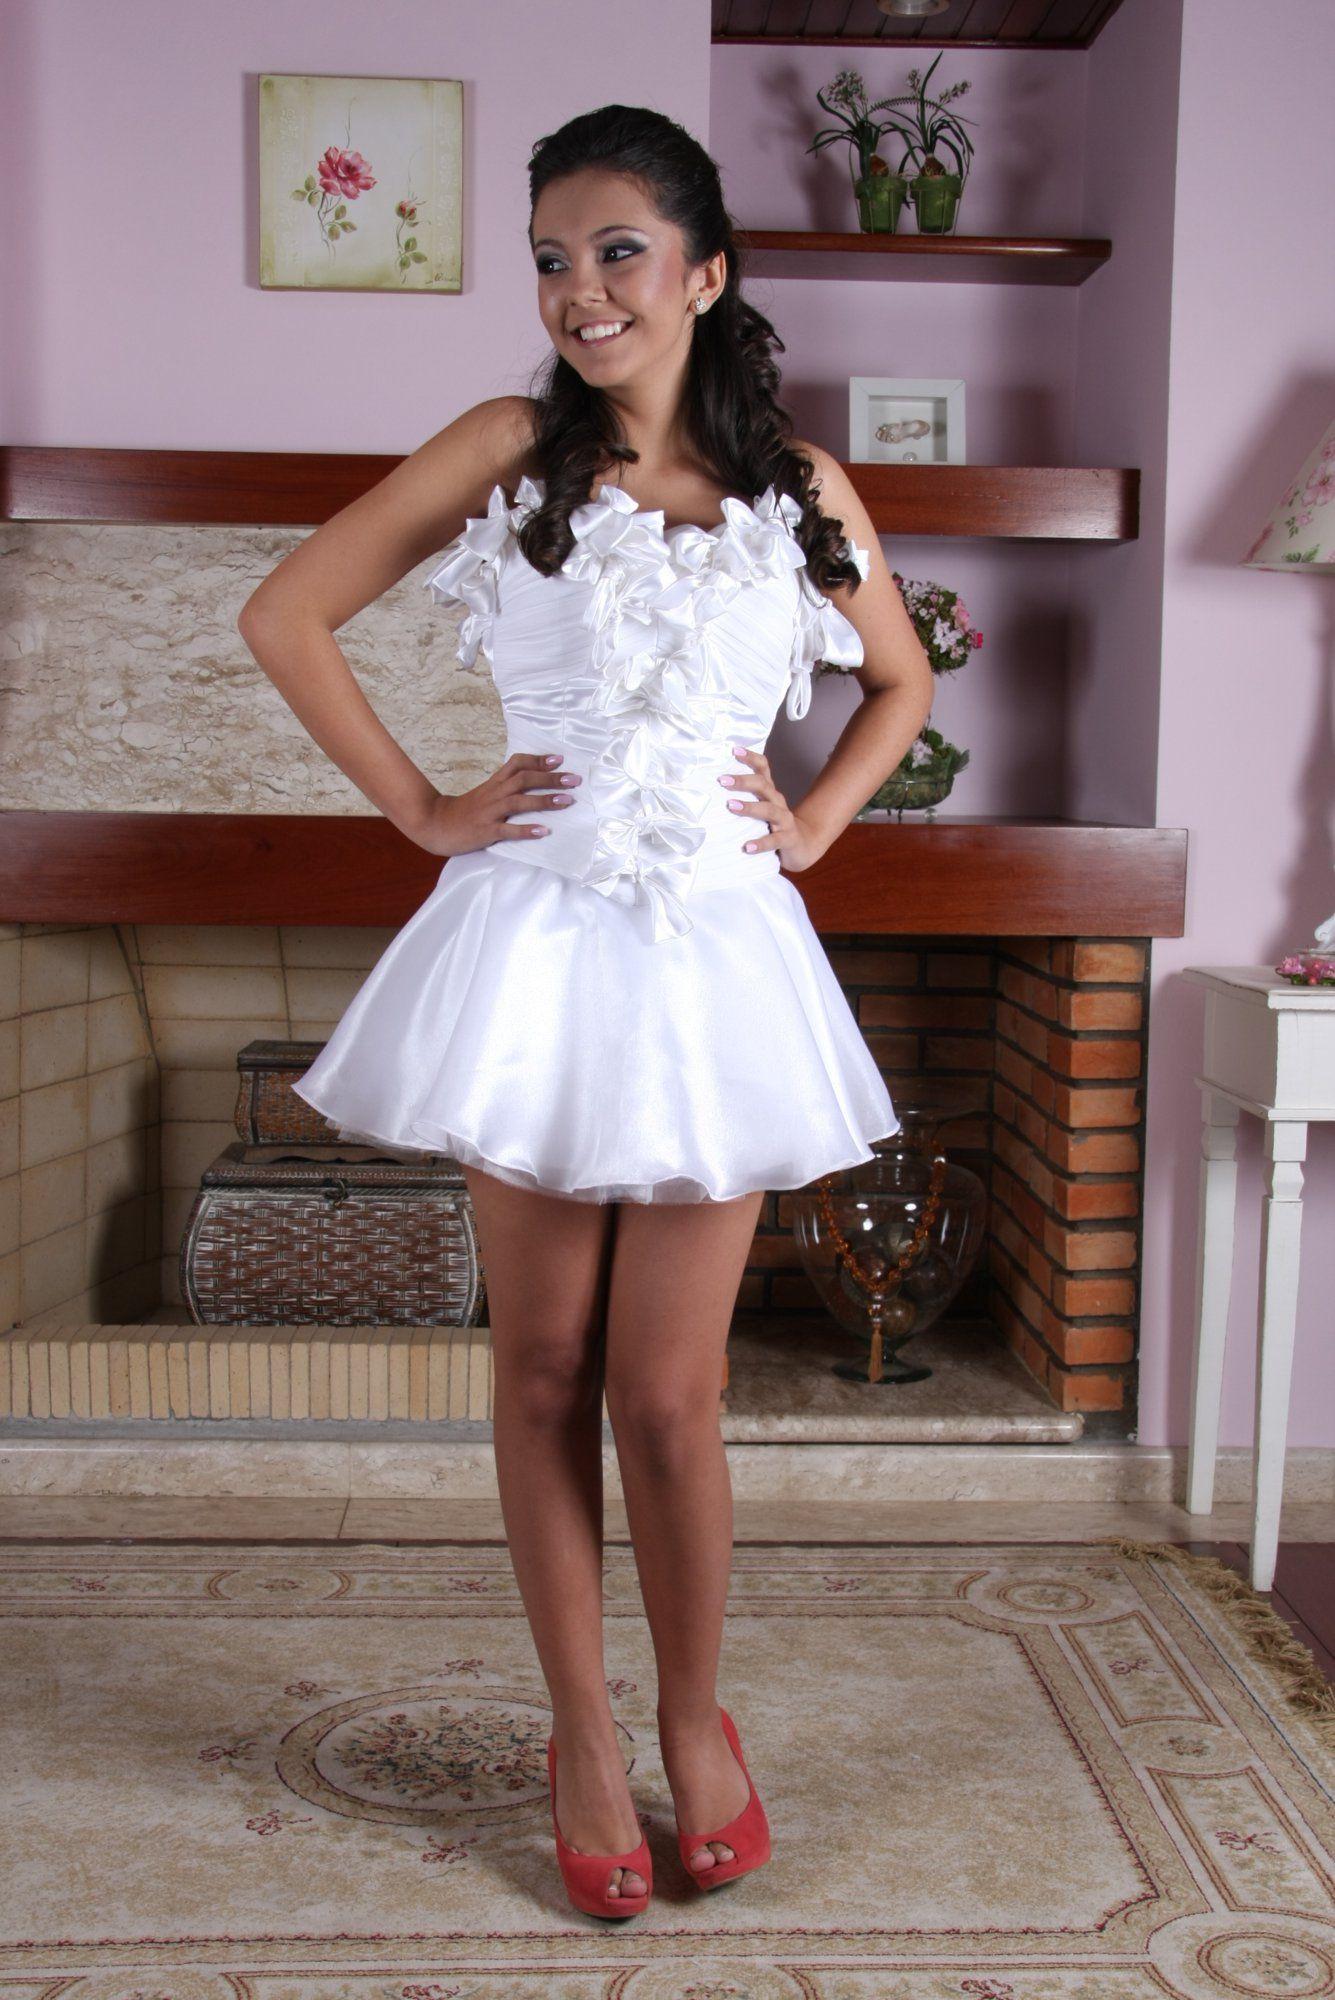 Vestido de Debutante Branco - 10 - Hipnose Alta Costura e Spa para Noivas e Noivos - Campinas - SP Vestido de Debutante, Vestido de Debutante Branco, Hipnose Alta Costura